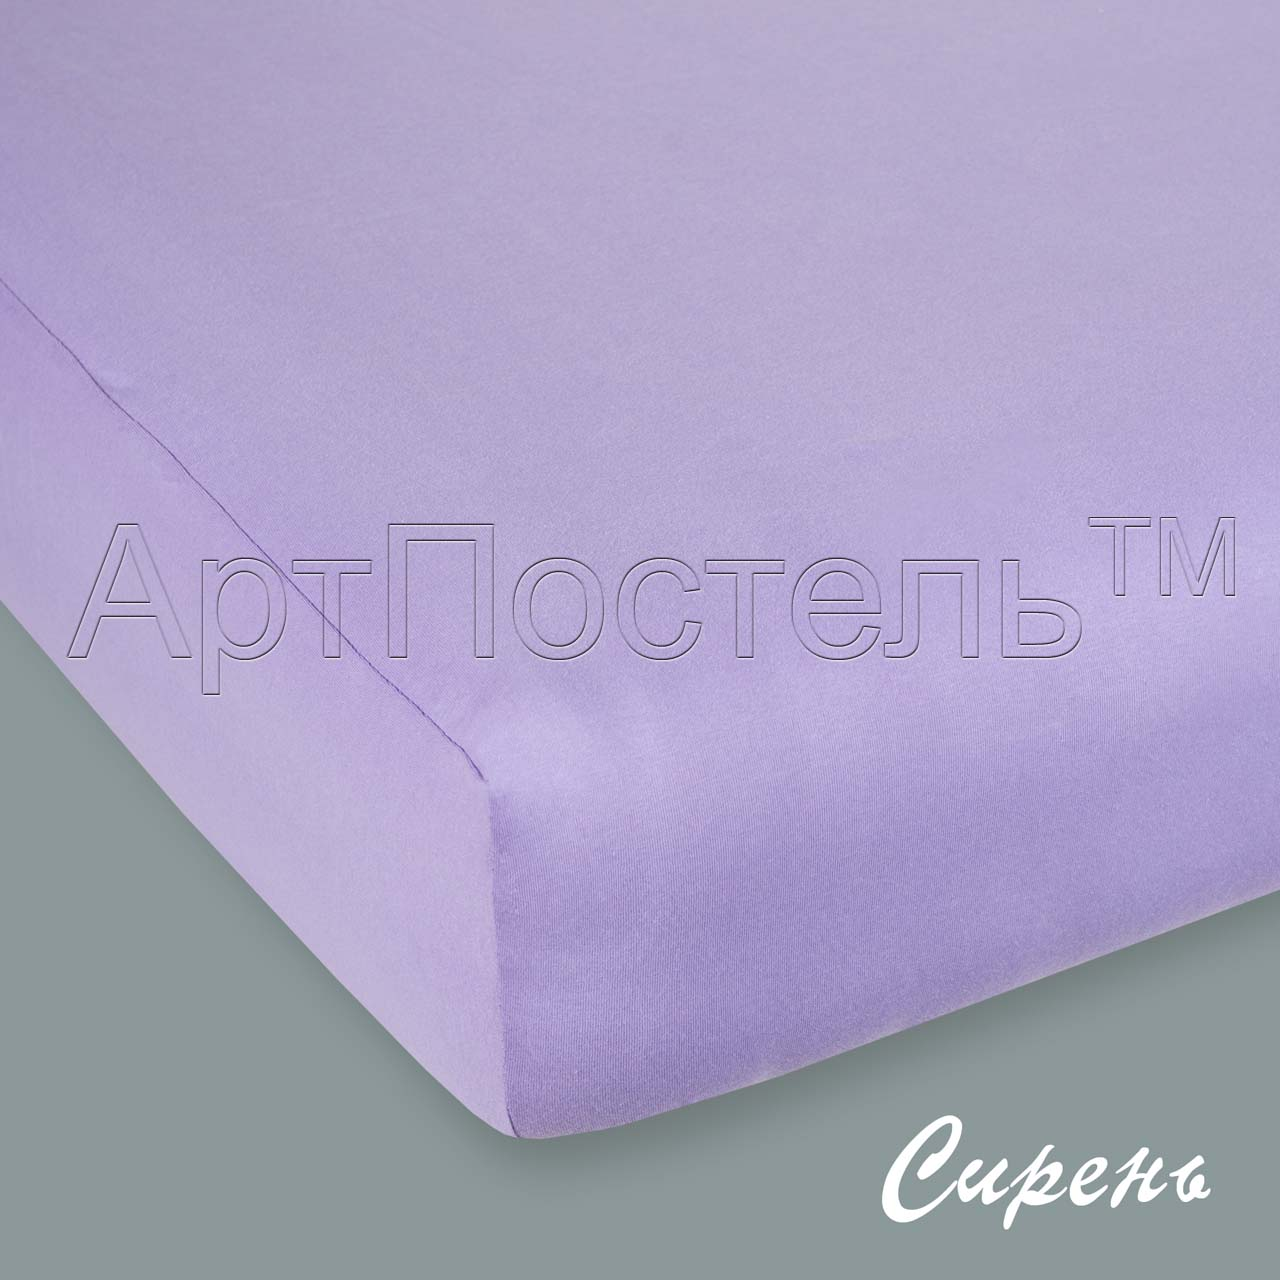 Простыня на резинке Сирень, размер 160х200 смПростыни<br>Плотность ткани: 145 г/кв. м <br>Высота матраса: 20 см<br><br>Тип: Простыня<br>Размер: 160х200<br>Материал: Кулирка